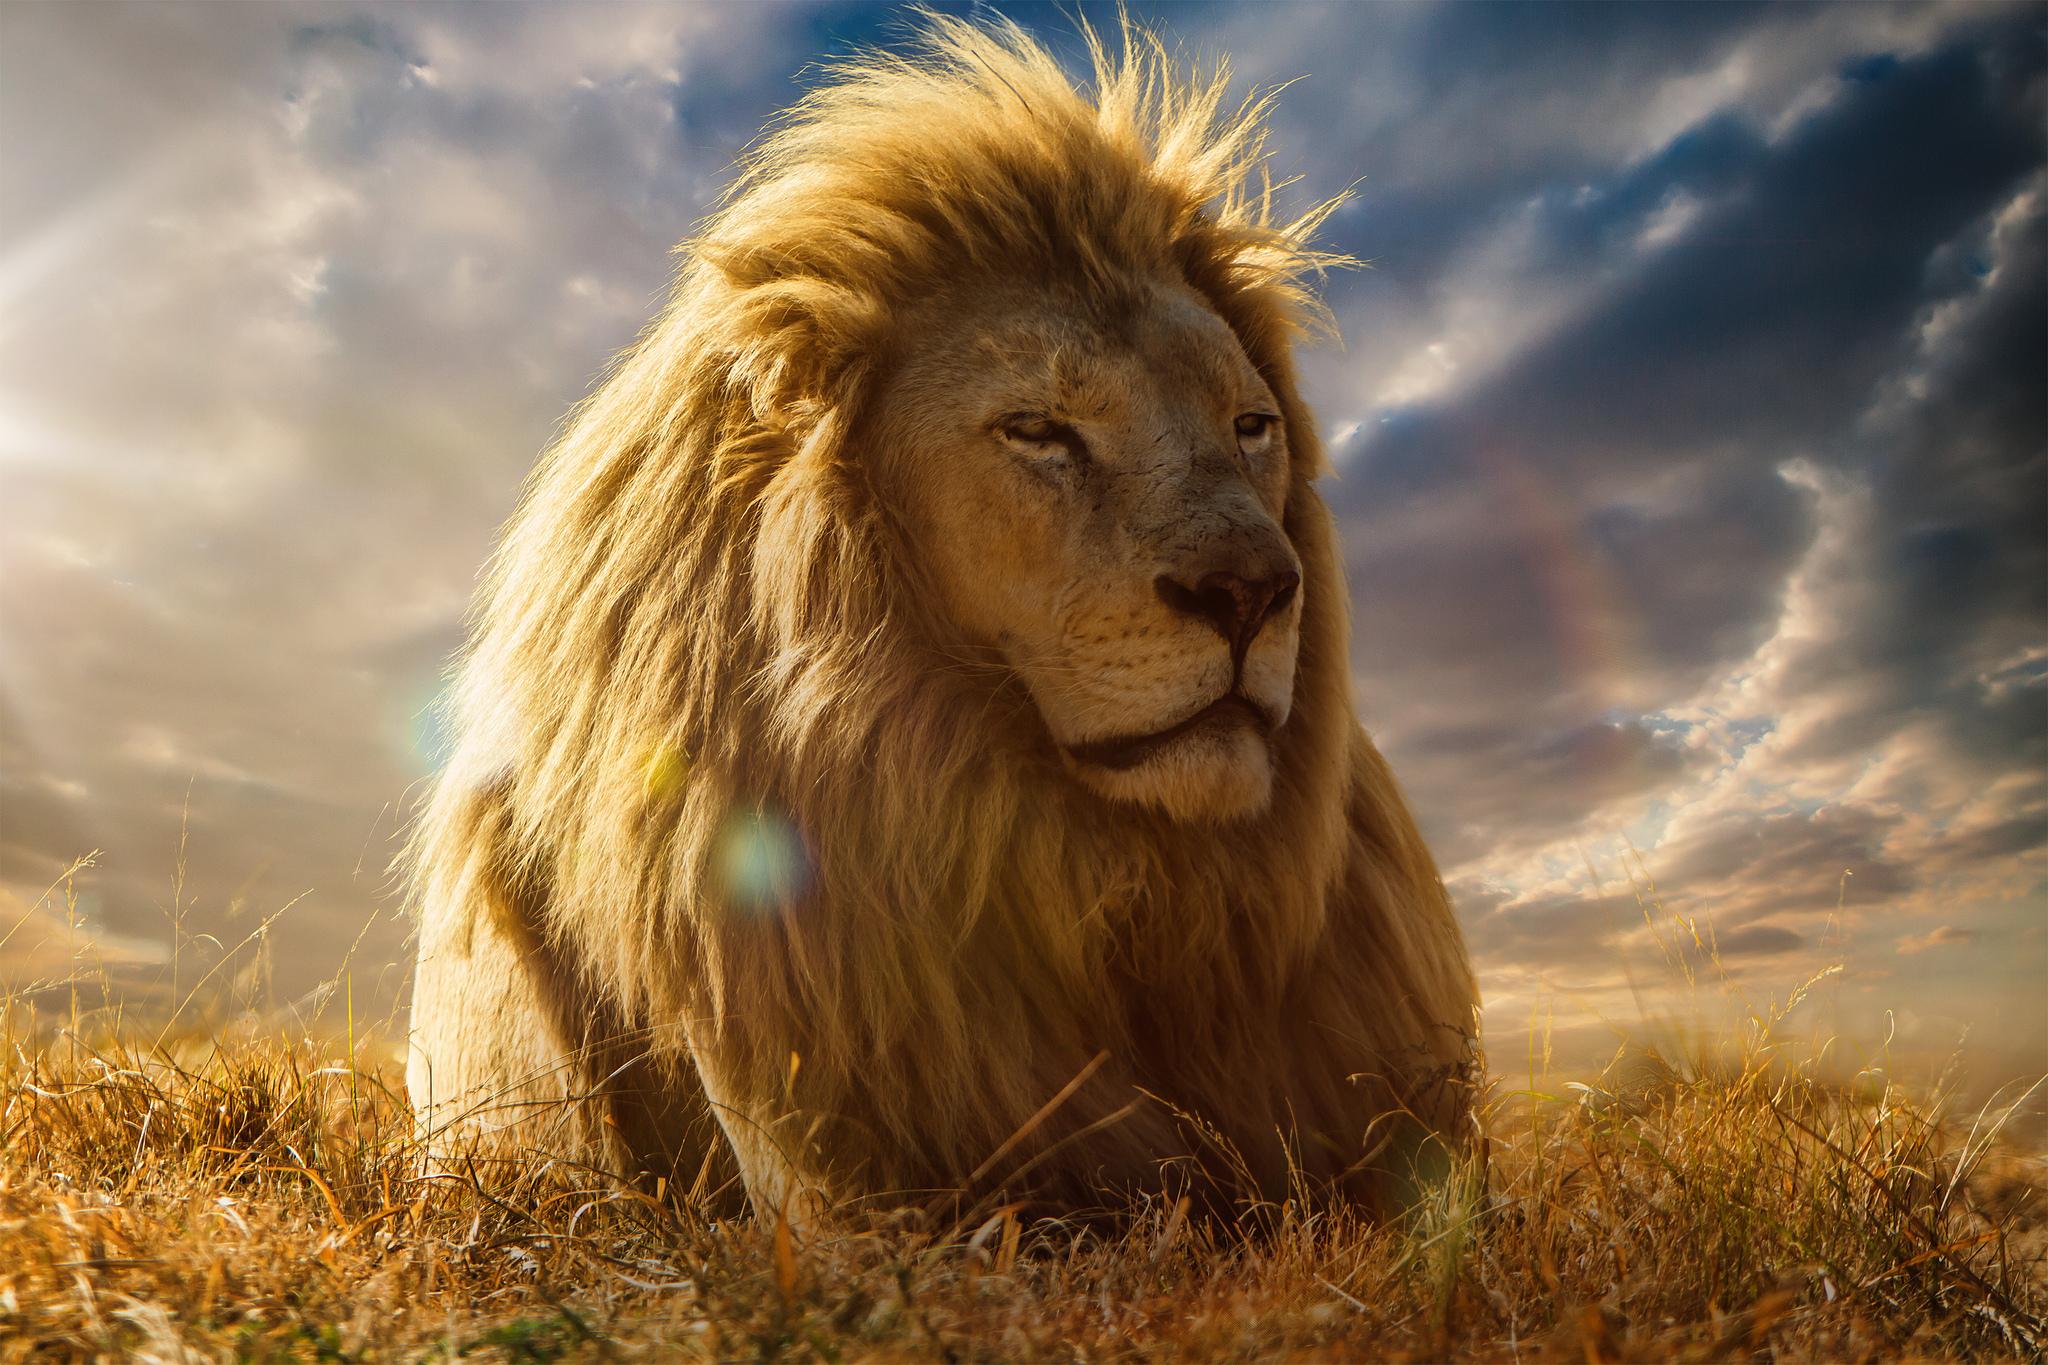 128583 Protetores de tela e papéis de parede Leão em seu telefone. Baixe Leão, Animais, Savana, Um Leão, Juba, Rei Das Feras, Rei Das Bestas fotos gratuitamente